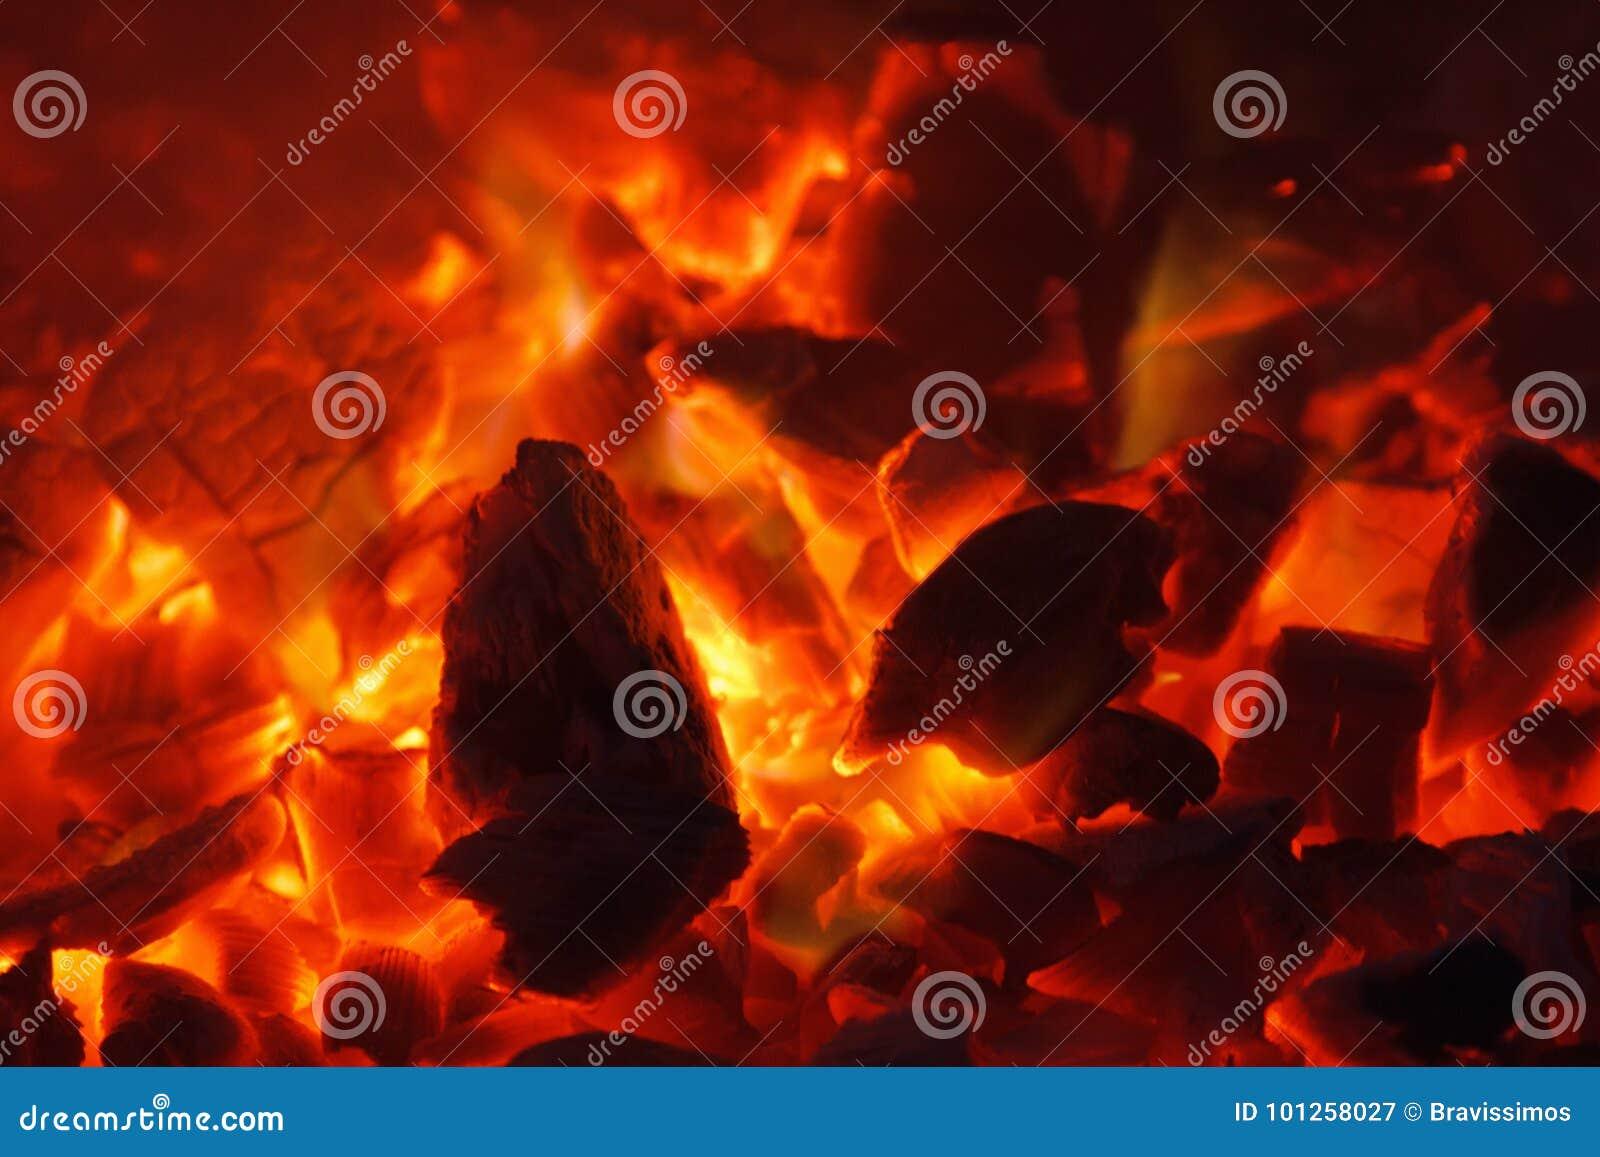 Textura quente de incandescência do fundo do close-up dos carvões amassados do carvão vegetal bonfire